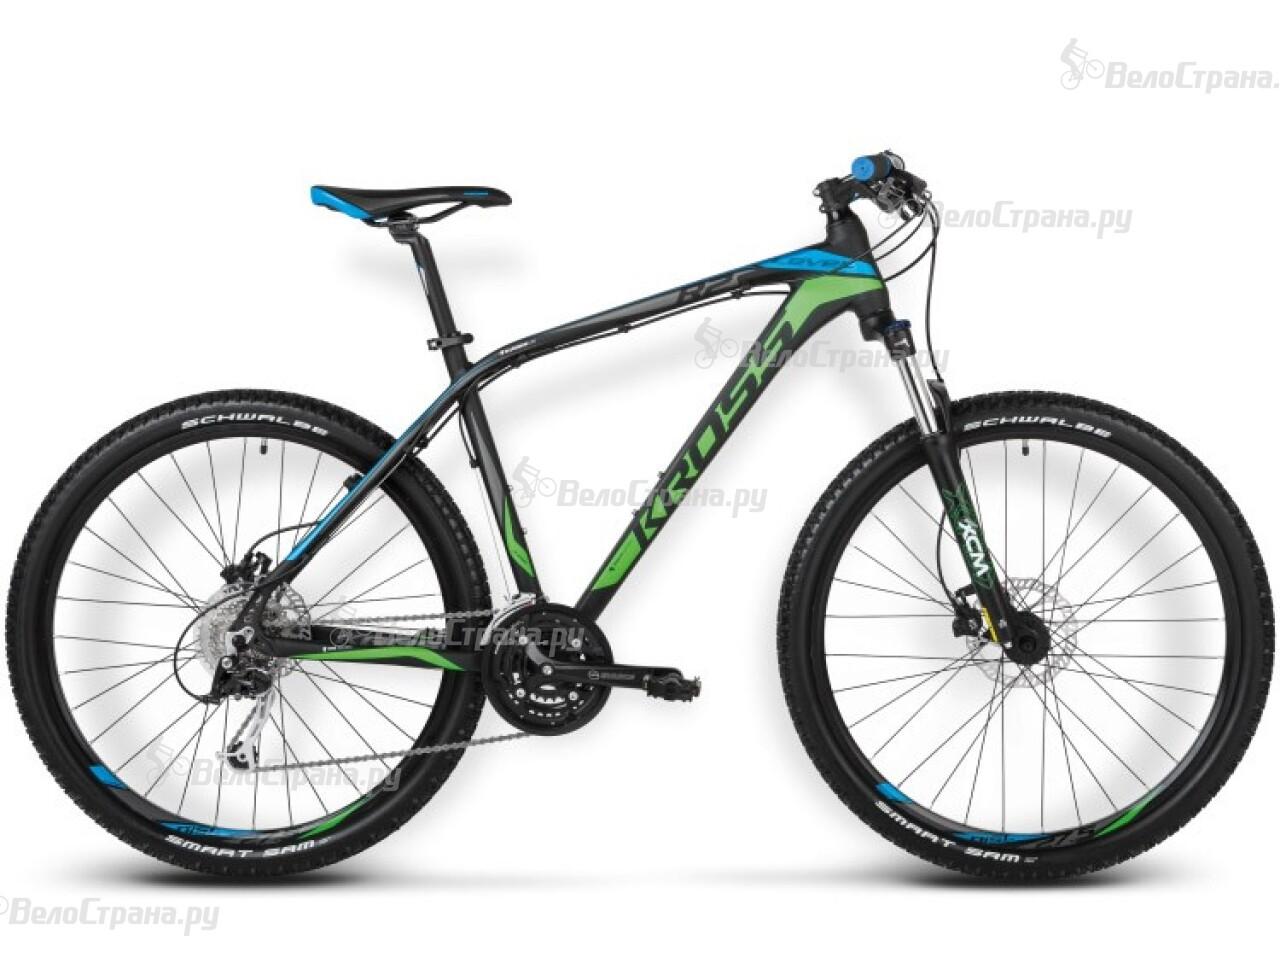 Велосипед Kross Level R2 (2015) велосипед kross level b8 2015